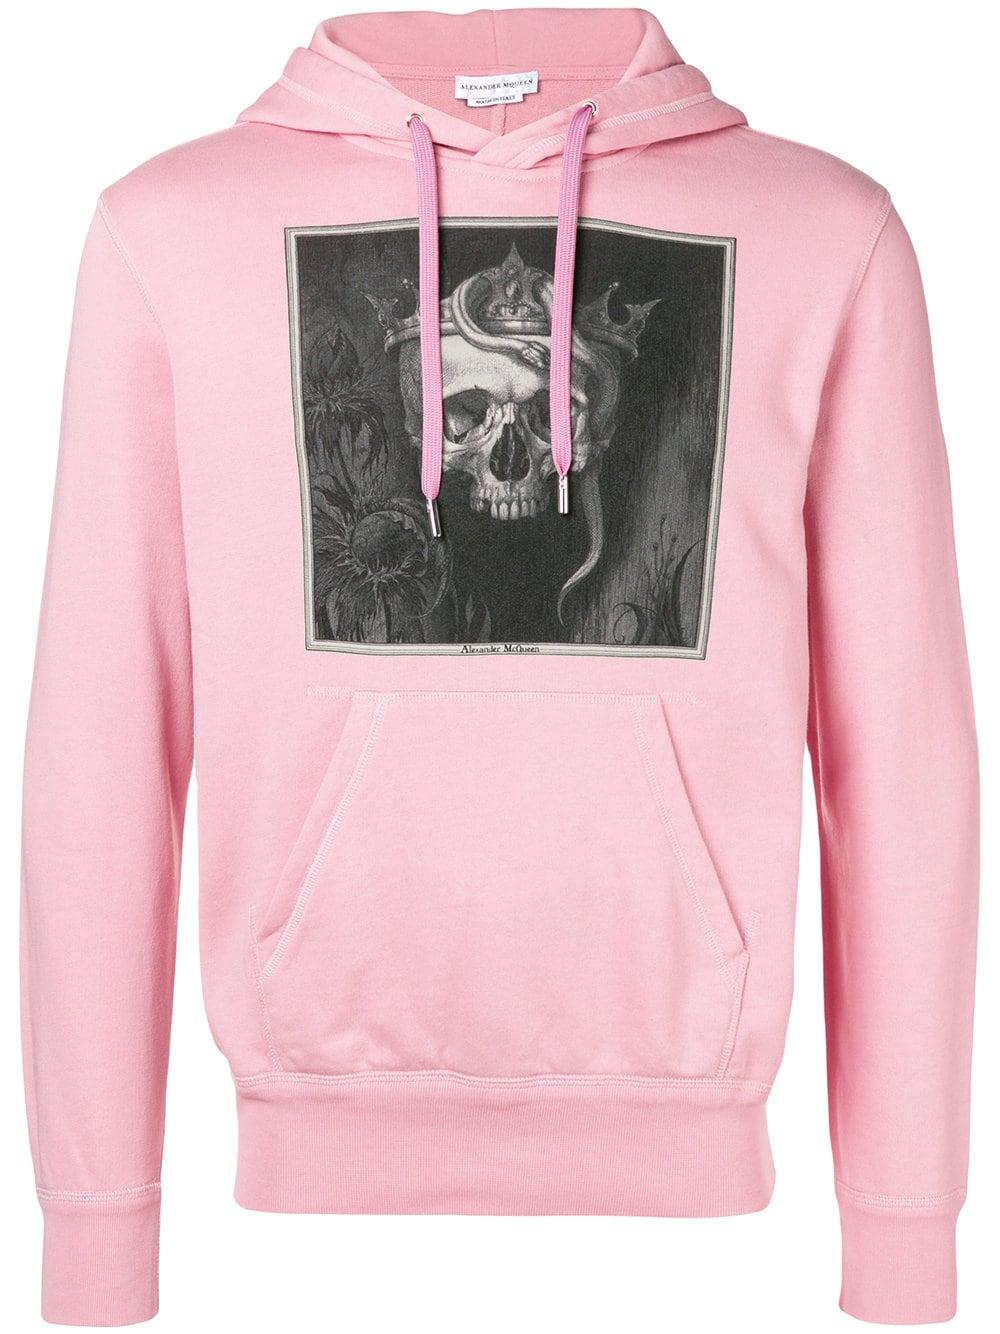 2c03ae3b60331 Alexander McQueen Pink Skull Design Sweatshirt